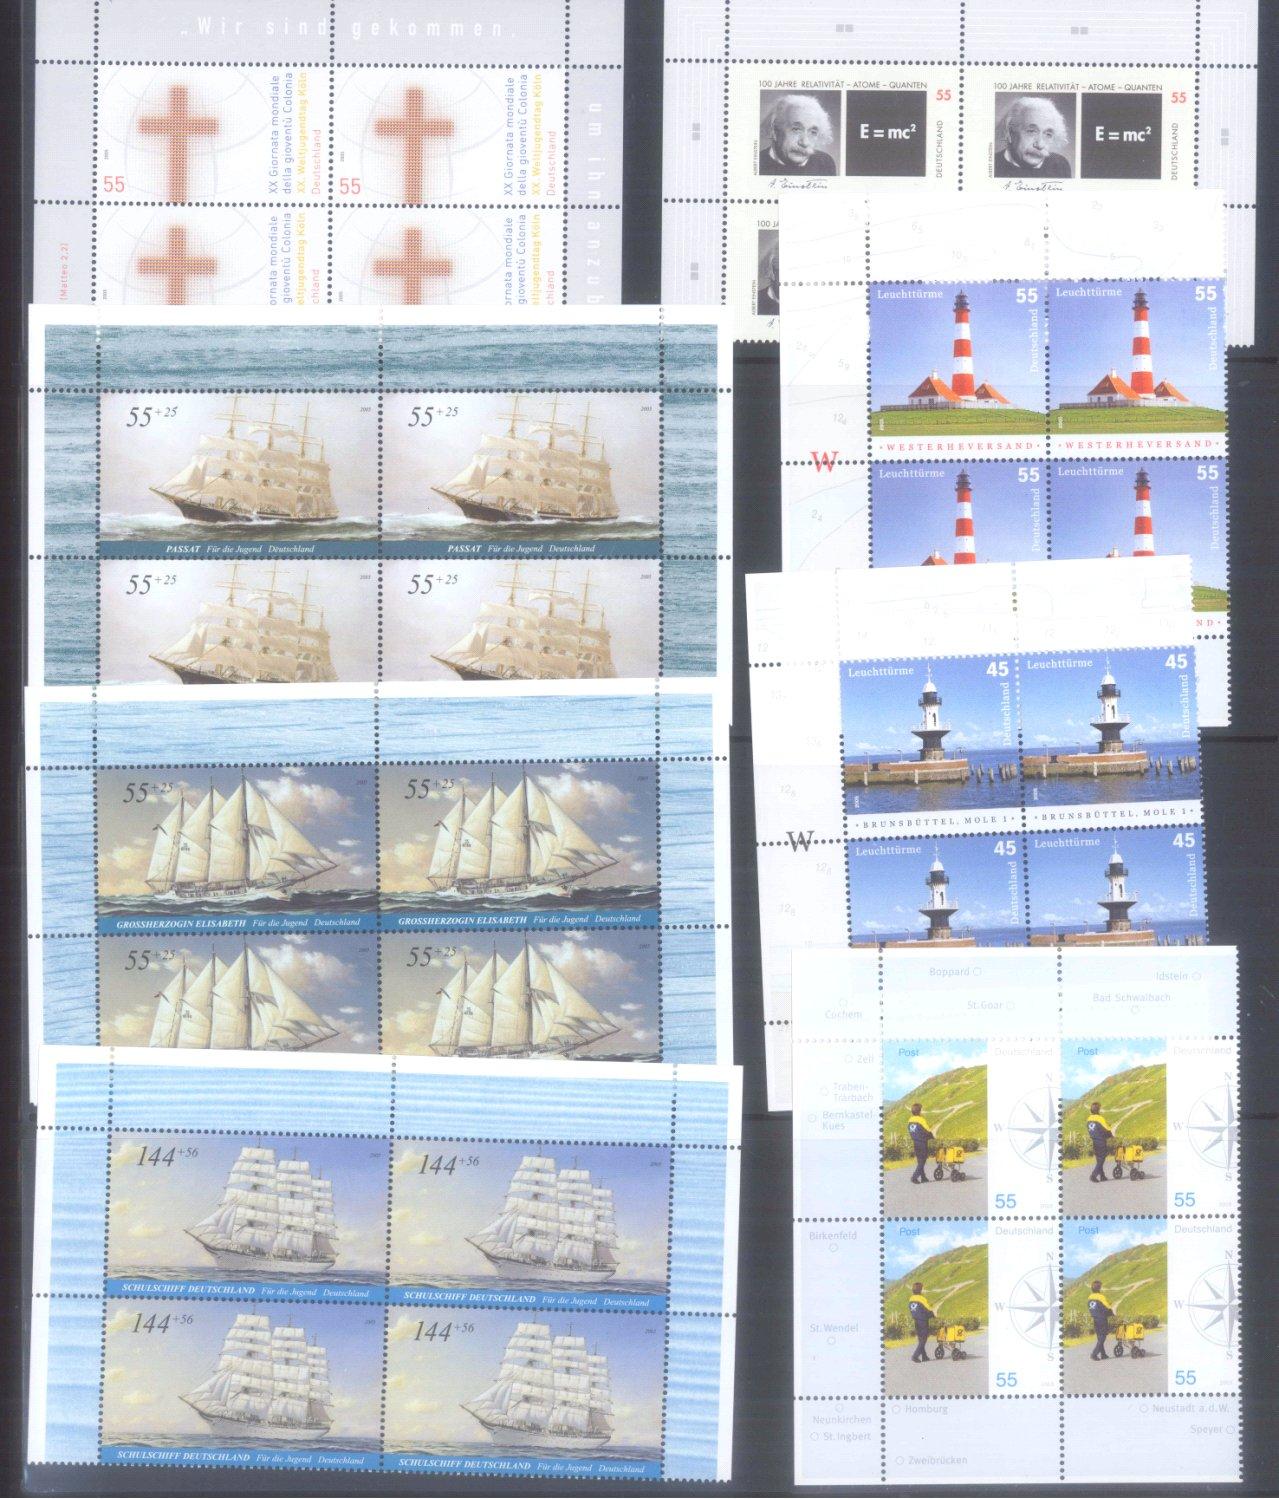 BUND 2005 postfrische 4er-BLOCK Sammlung, 168 EURO NOMINALE-3